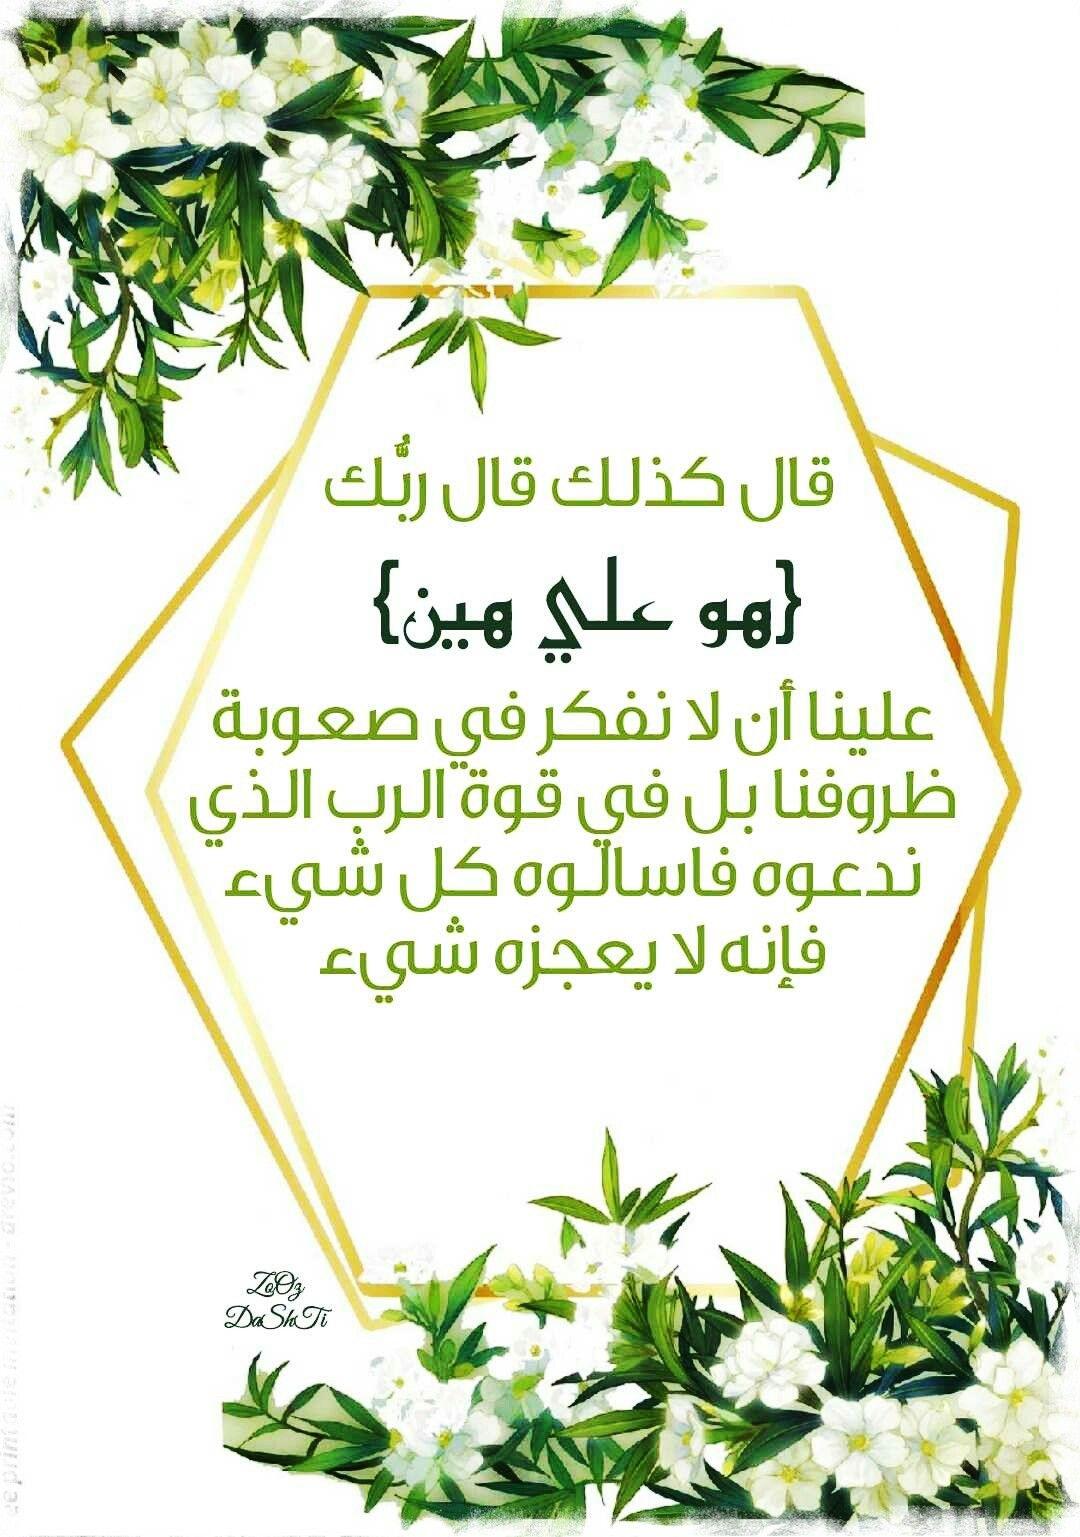 صباح التوكل على الله Instagram Posts Good Morning Greetings Instagram